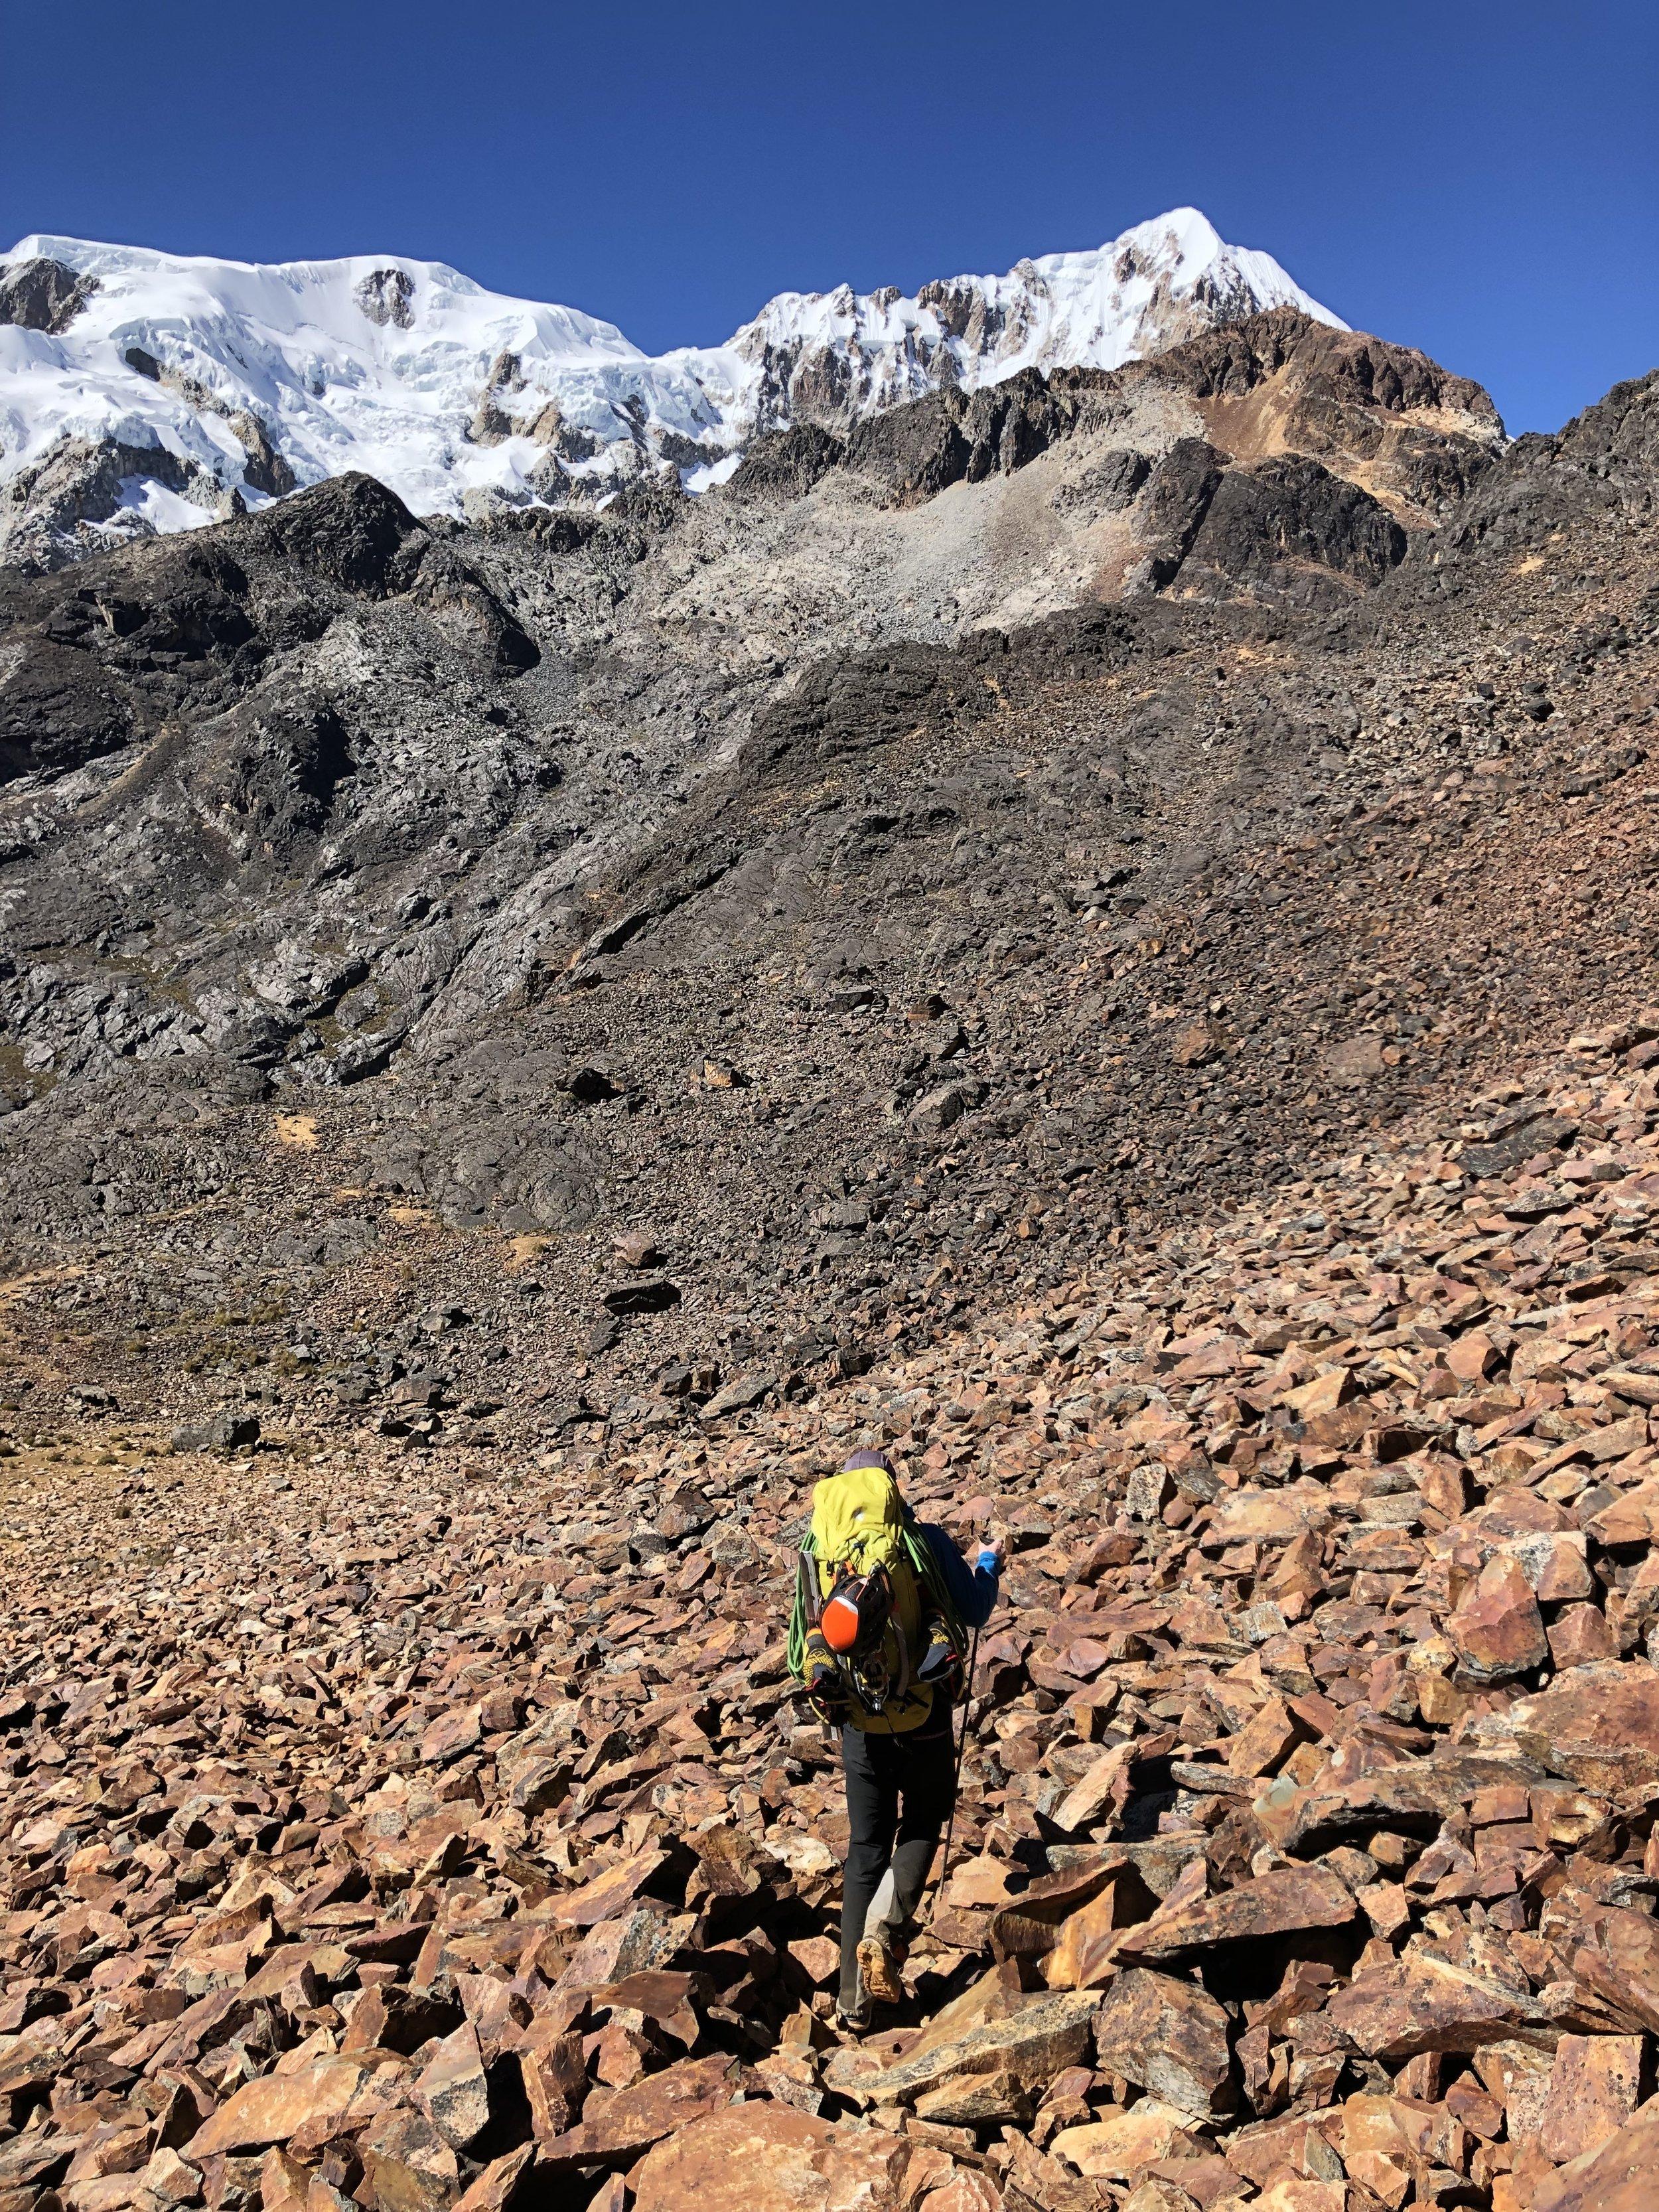 Descending Paso Huila Khota to Aguas Calientes